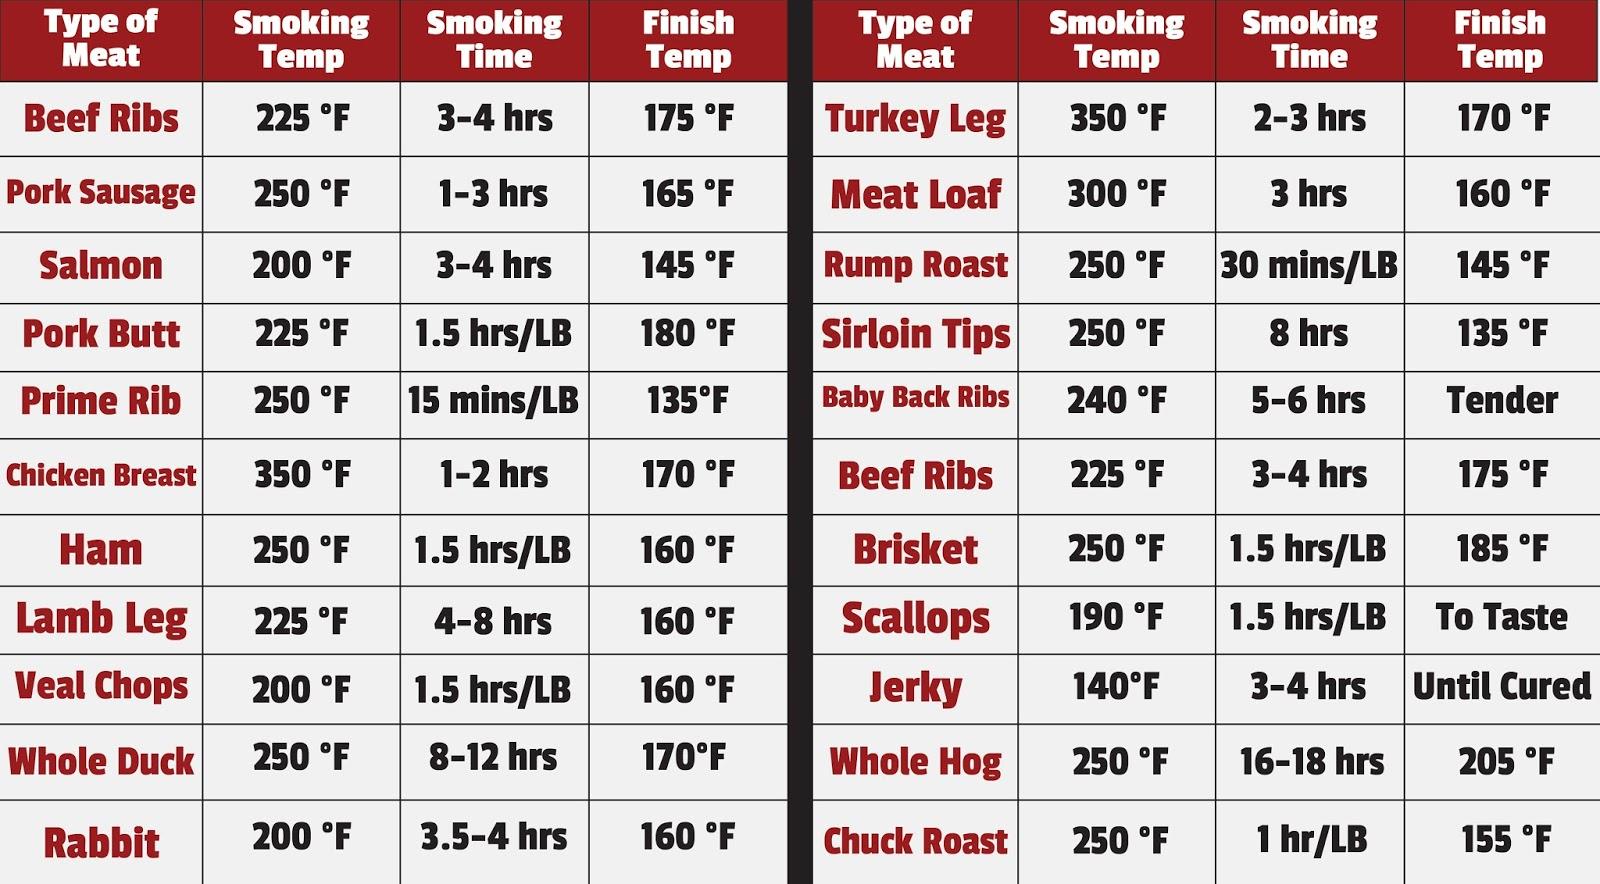 Kamado joe grilling passion various conversion temp smoking charts